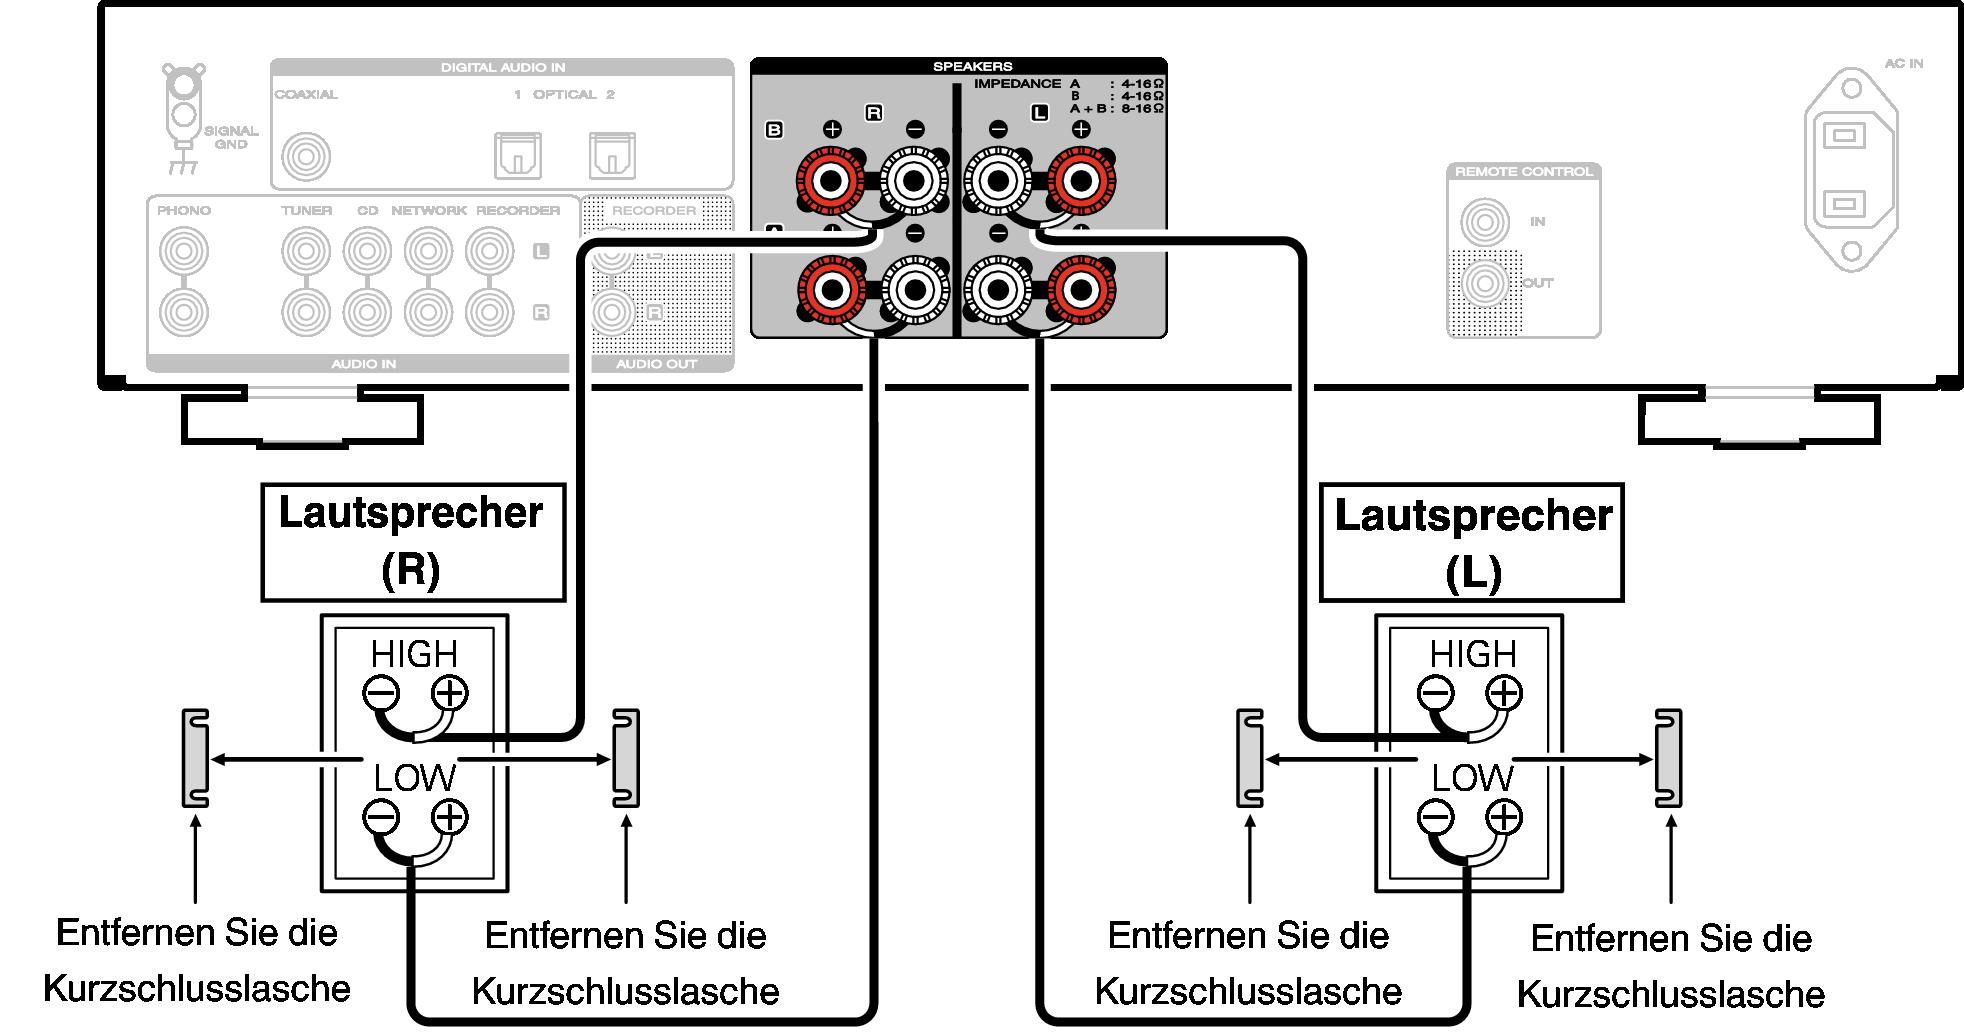 Bi Wiring Anschluss Pm6006 Speakers For Dummies Bei Der Verwendung Von Mit Entsprechenden Lautsprechern Schlieen Sie Die Mittel Und Hochbereich Anschlsse An A Oder B